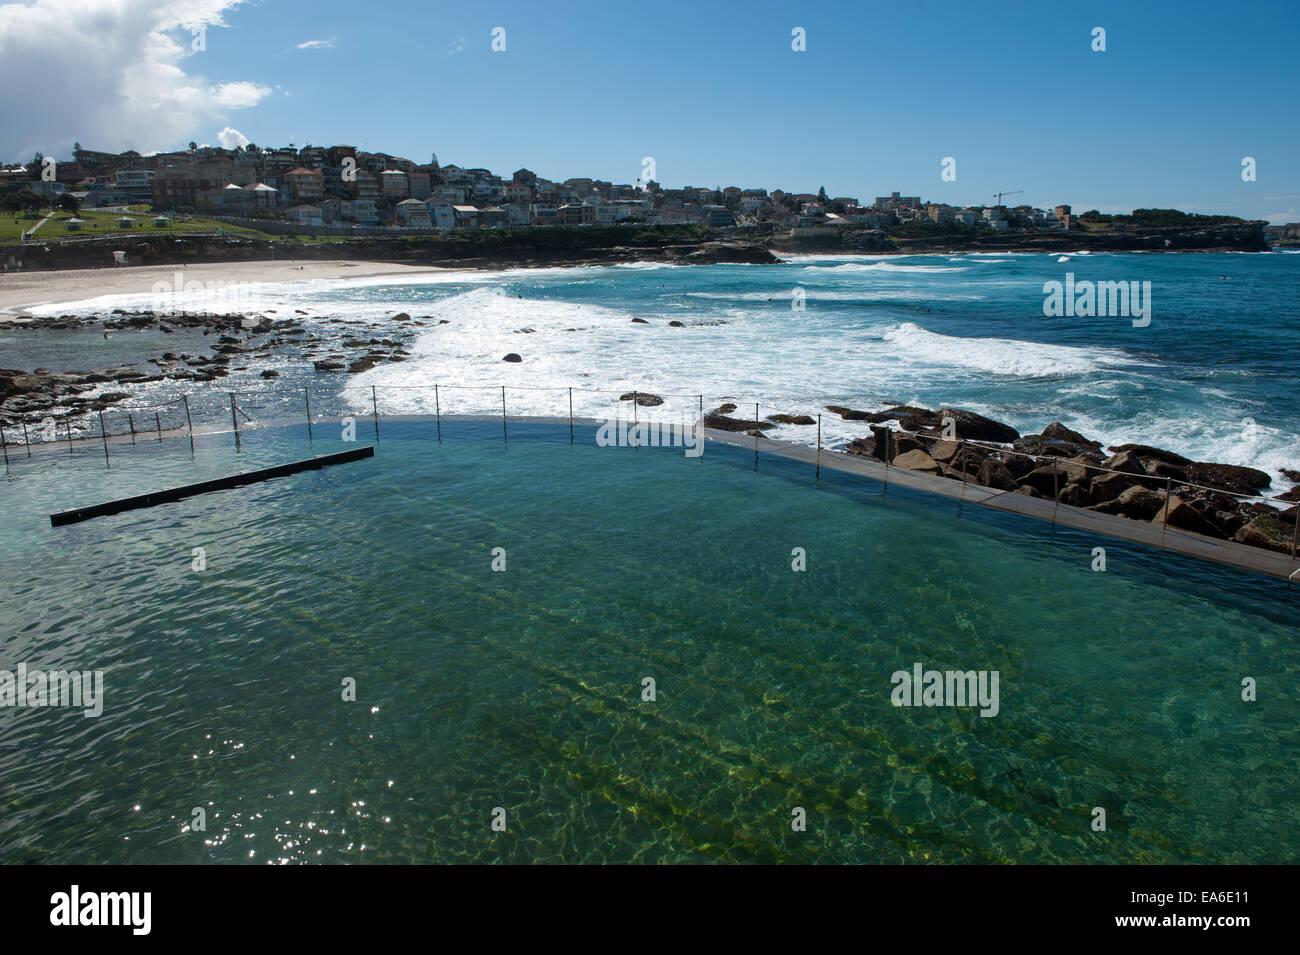 Australien, Sydney, Bronte öffentlicher pool Stockbild